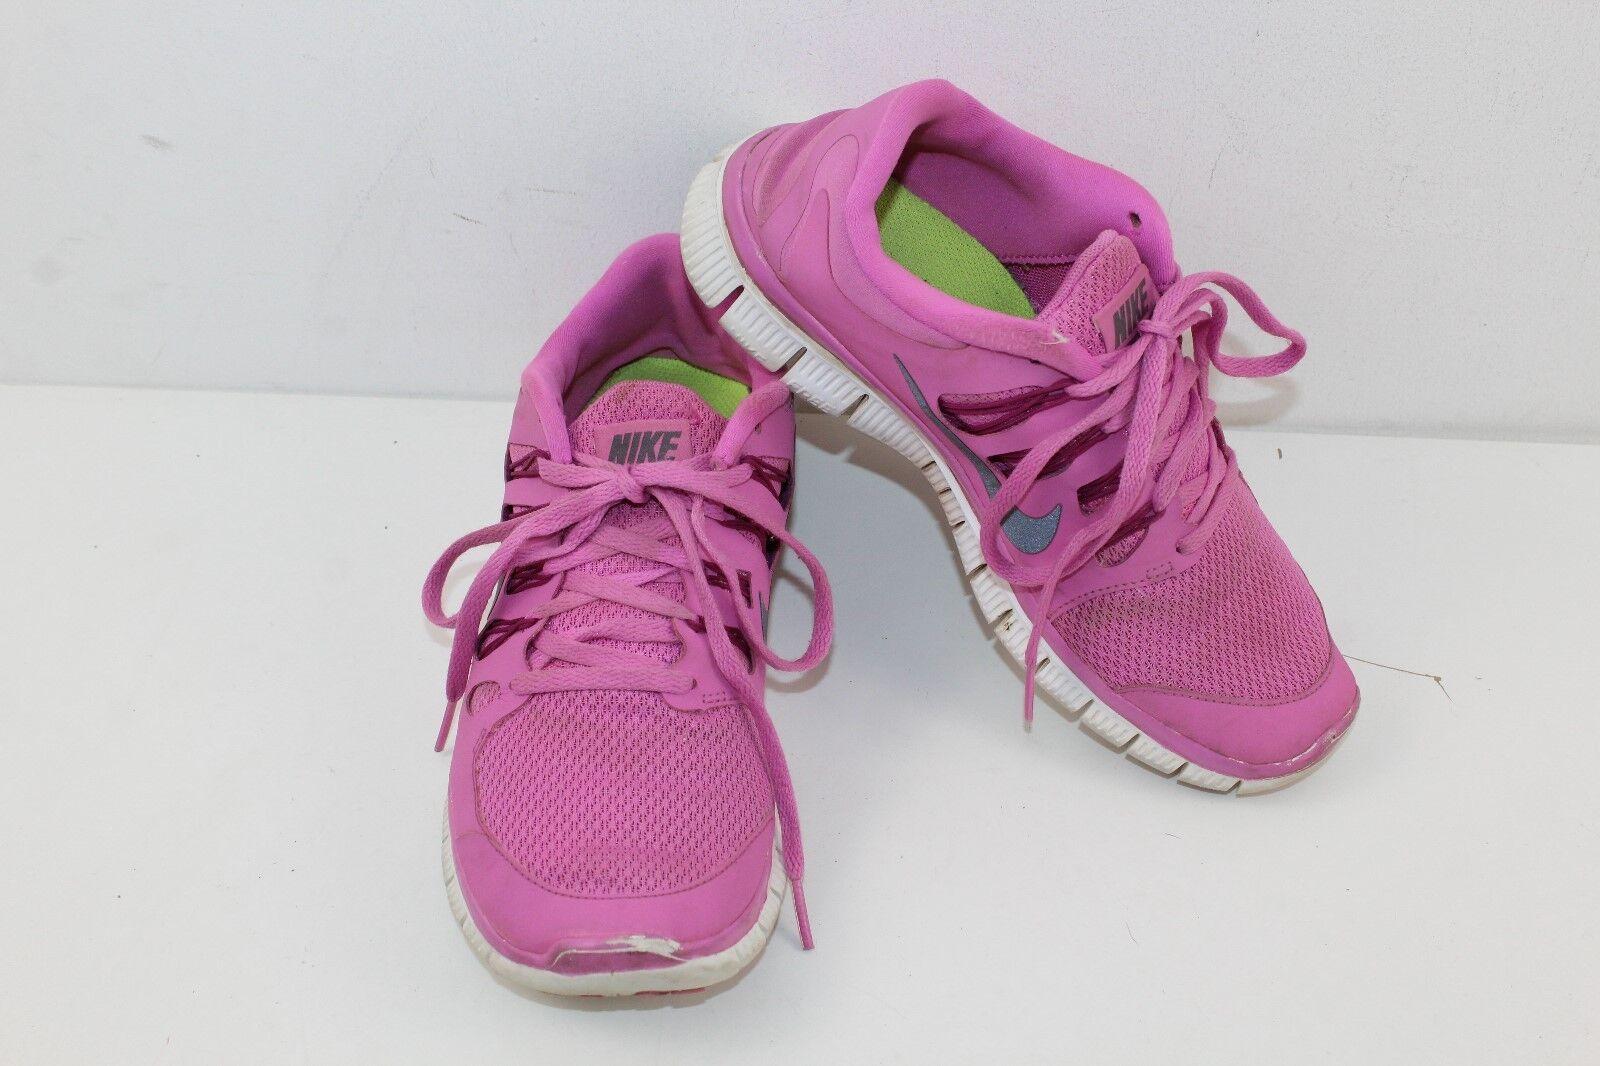 Femme Taille Nike Violet Baskets Taille Femme UK 6 EU 40 32c3de